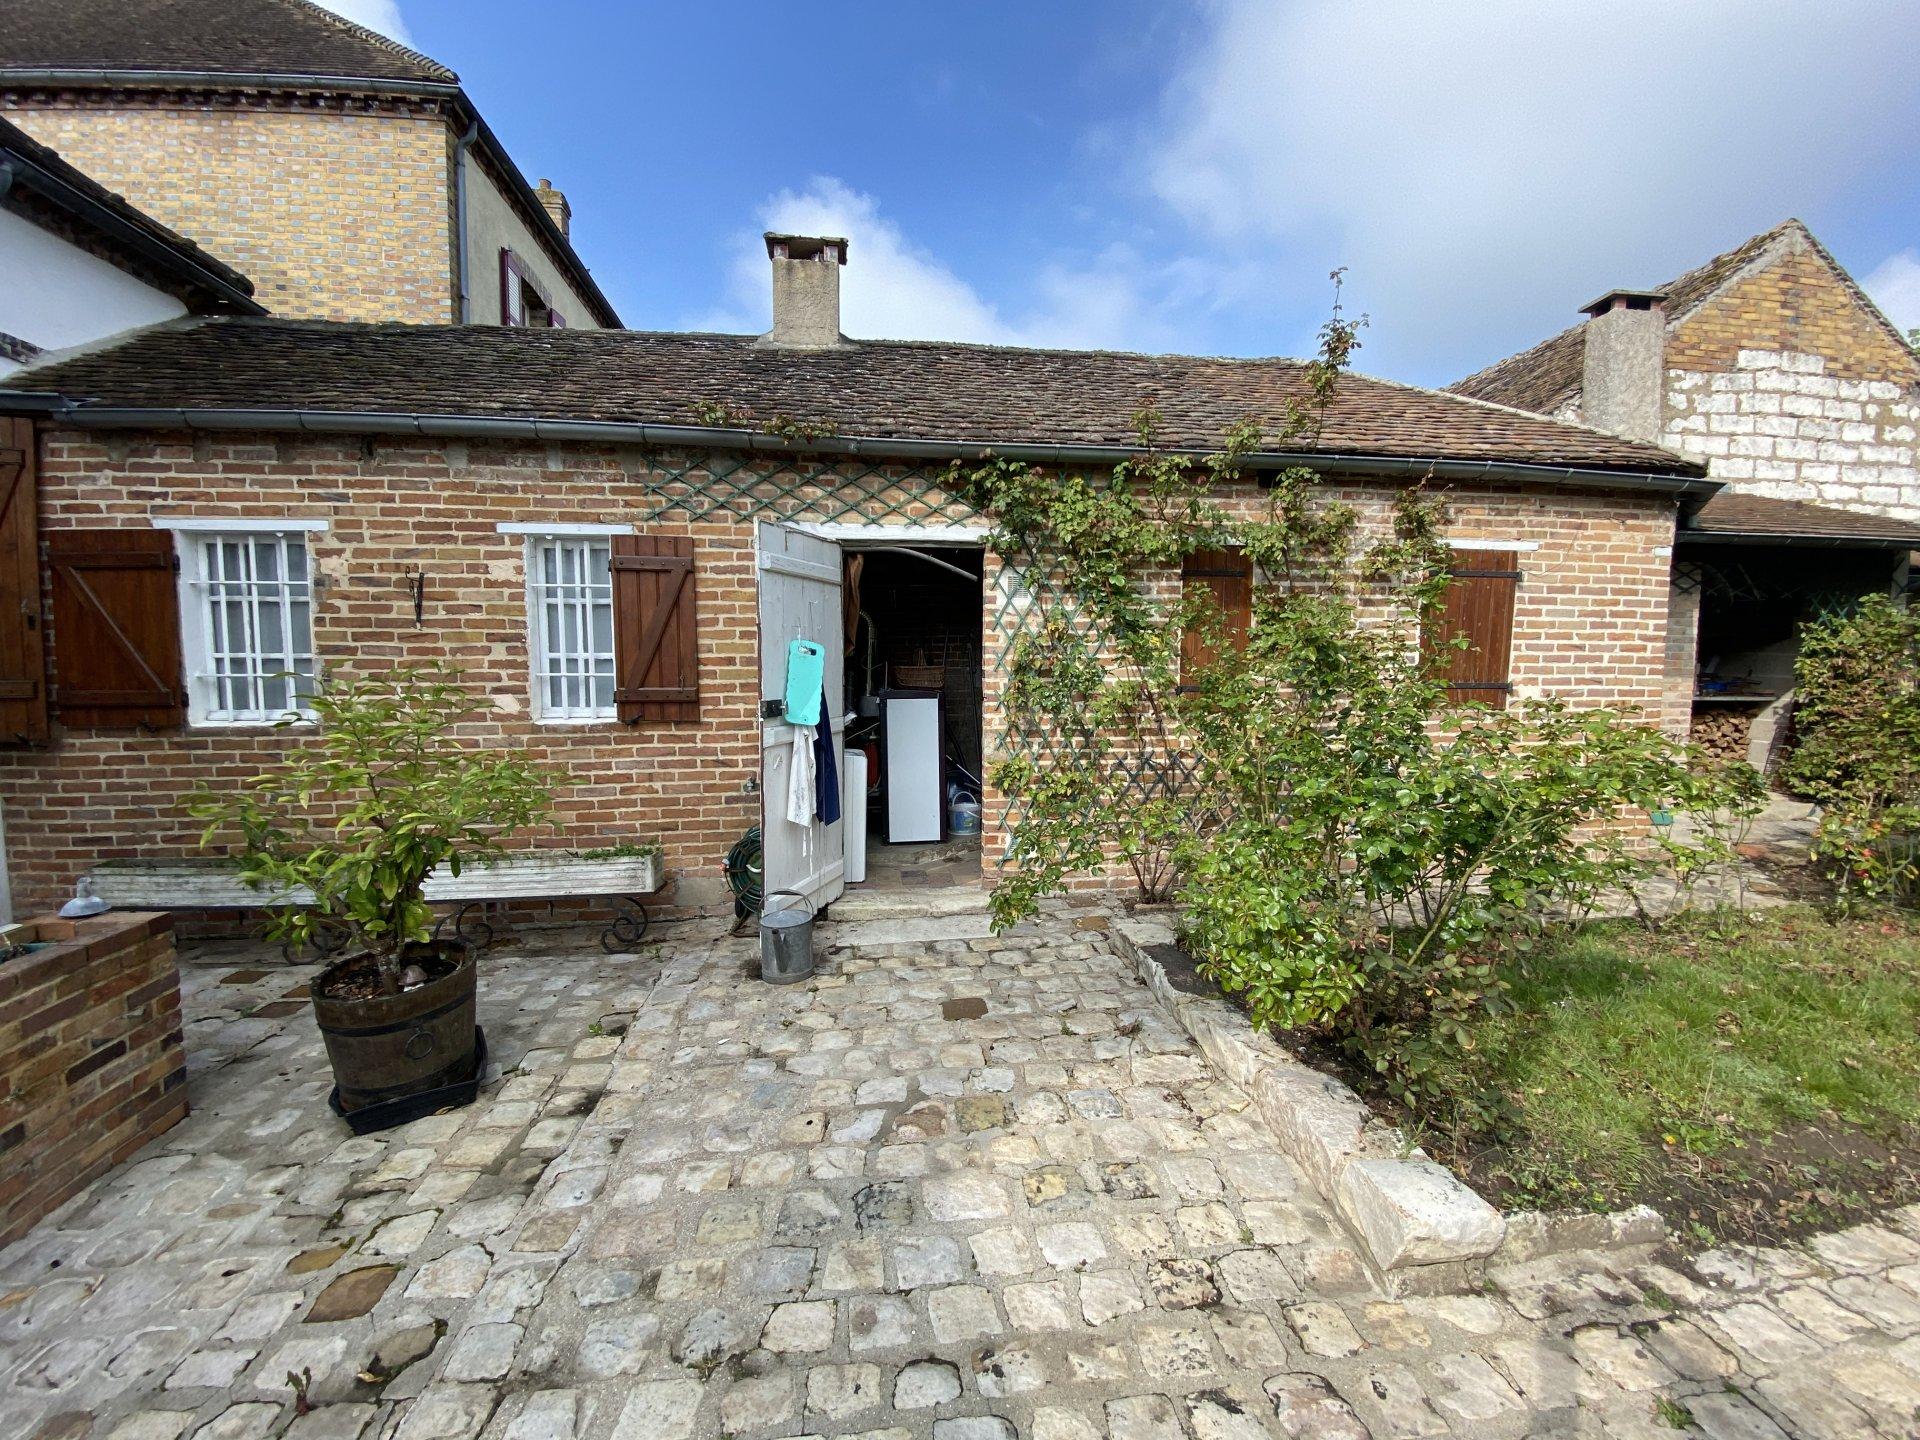 Beaucoup de charme pour cette maison bourgeoise située à 20 minutes de Nemours (gare SNCF)